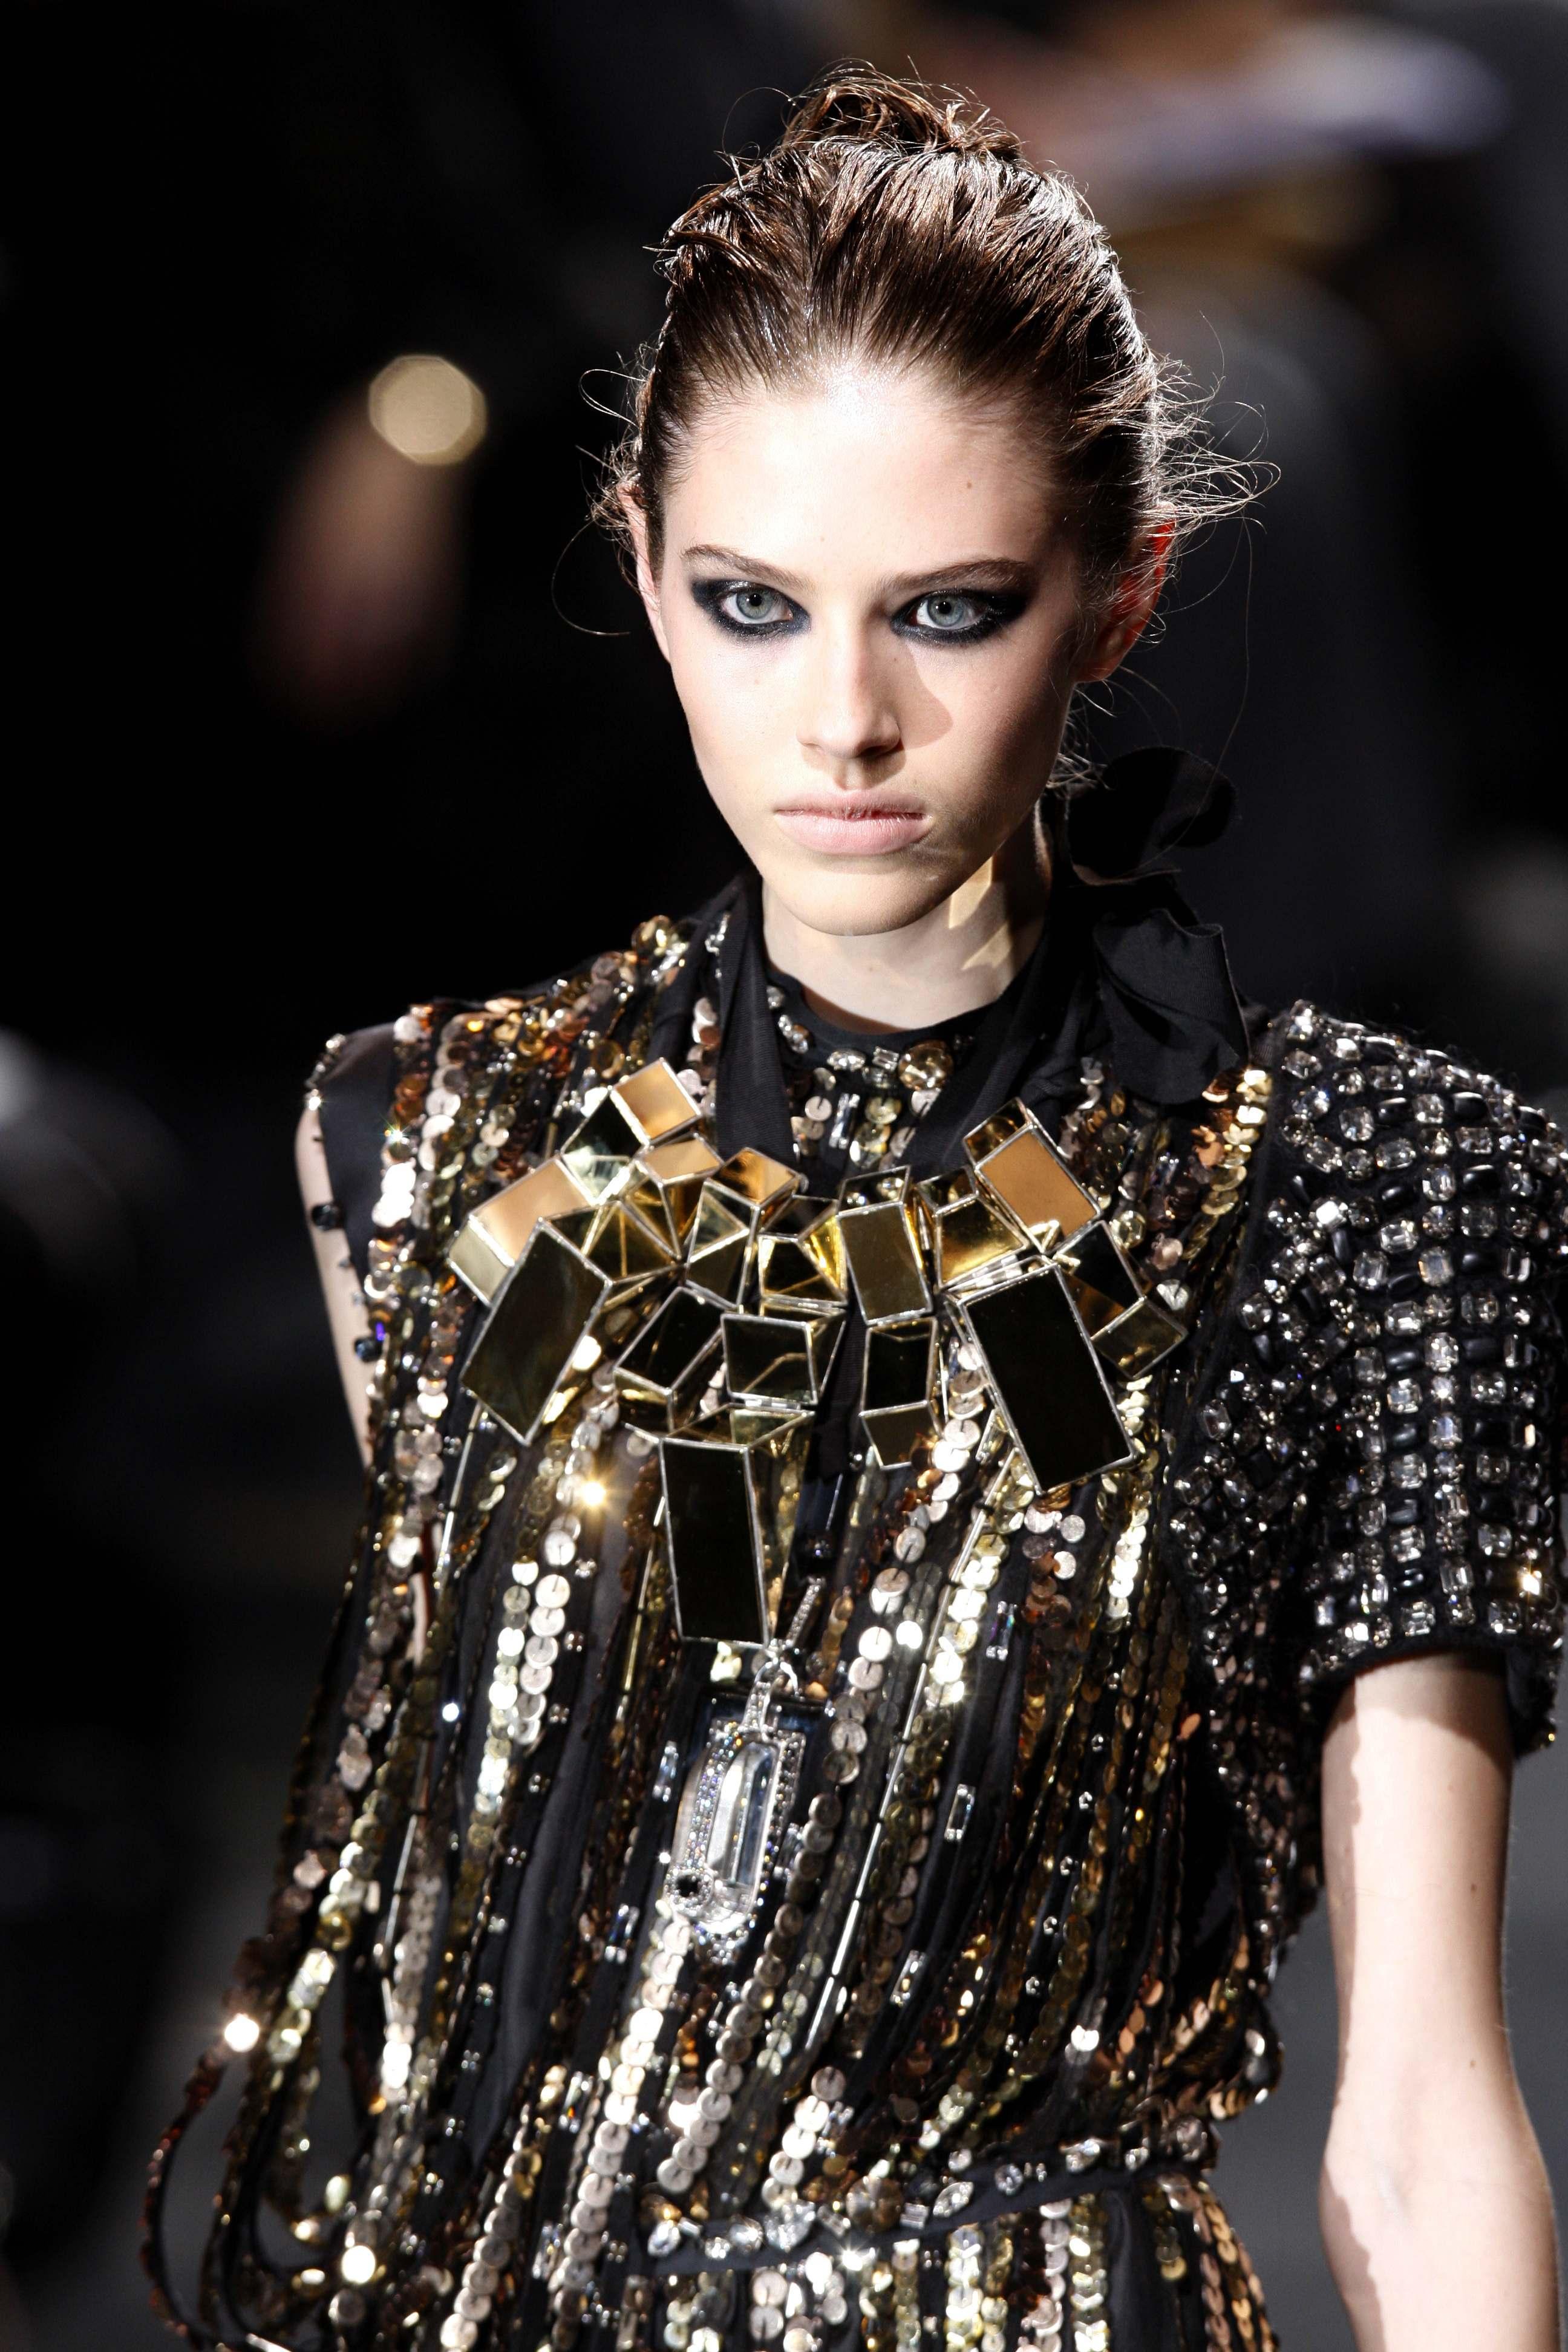 Fashions For Women : Fashion For Big Women 2 Fashion For Big Women